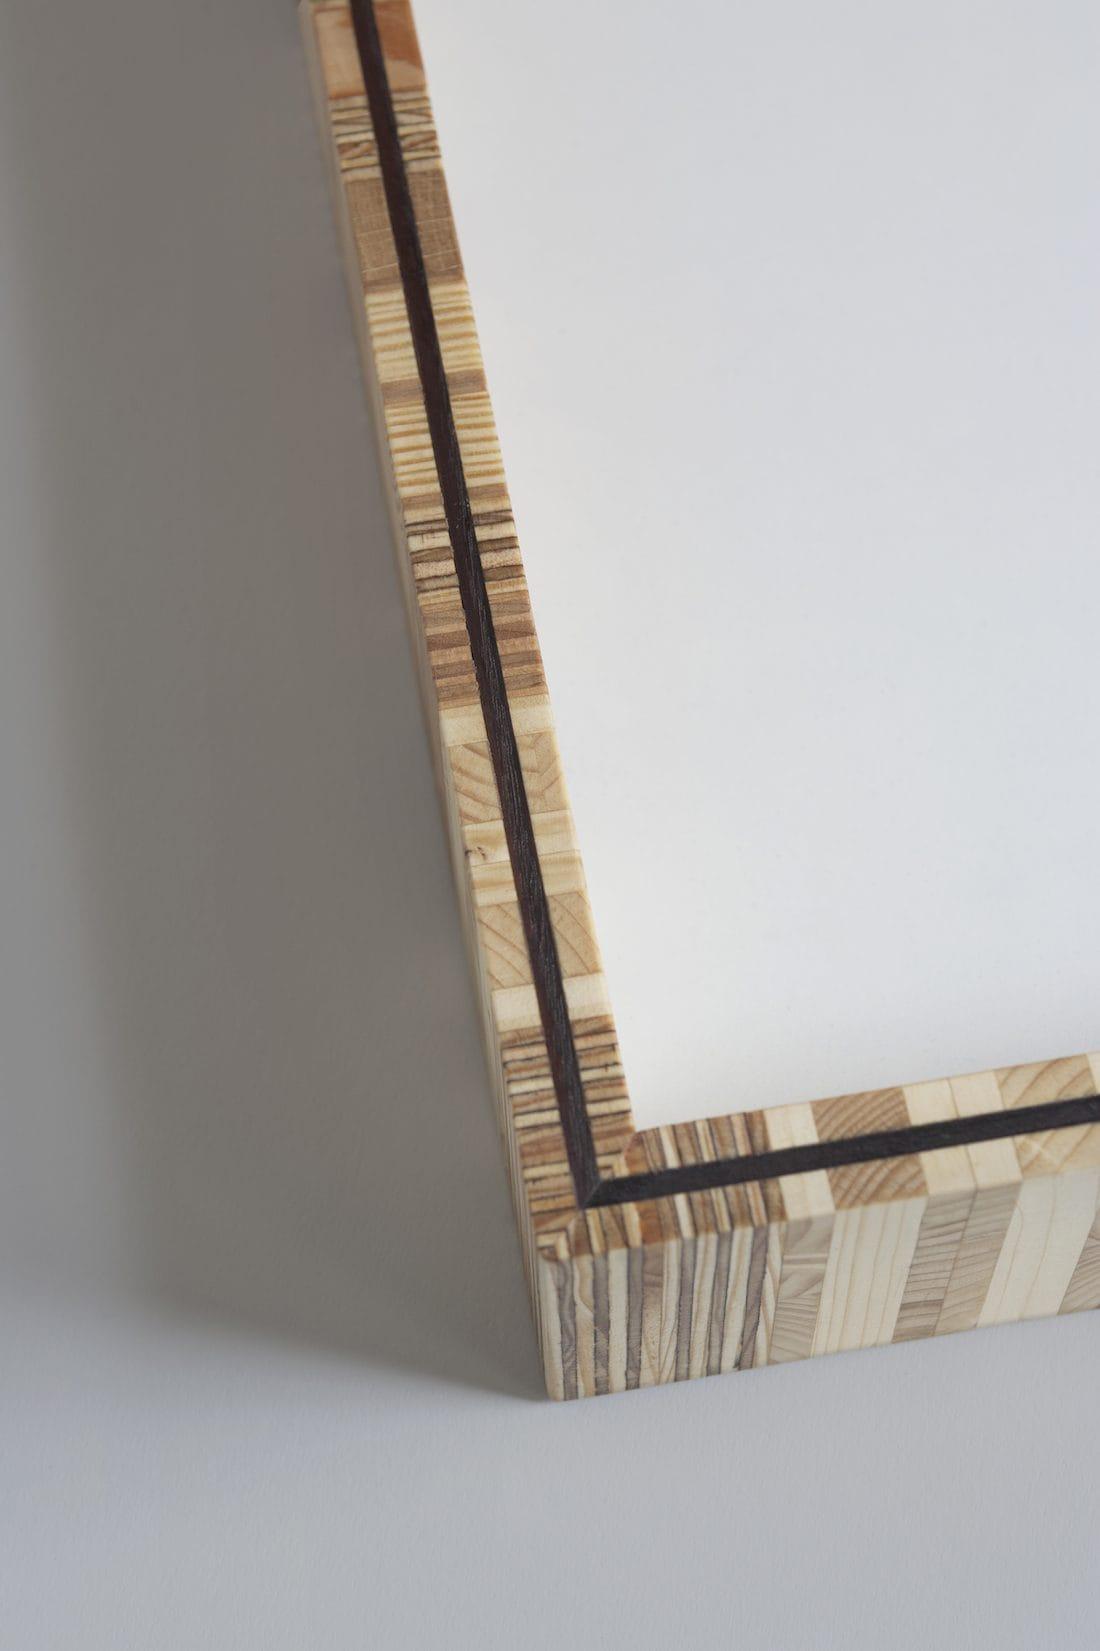 Henny Hendrichs, Ringeltablett Detail, Foto: Maria Jauregui Ponte